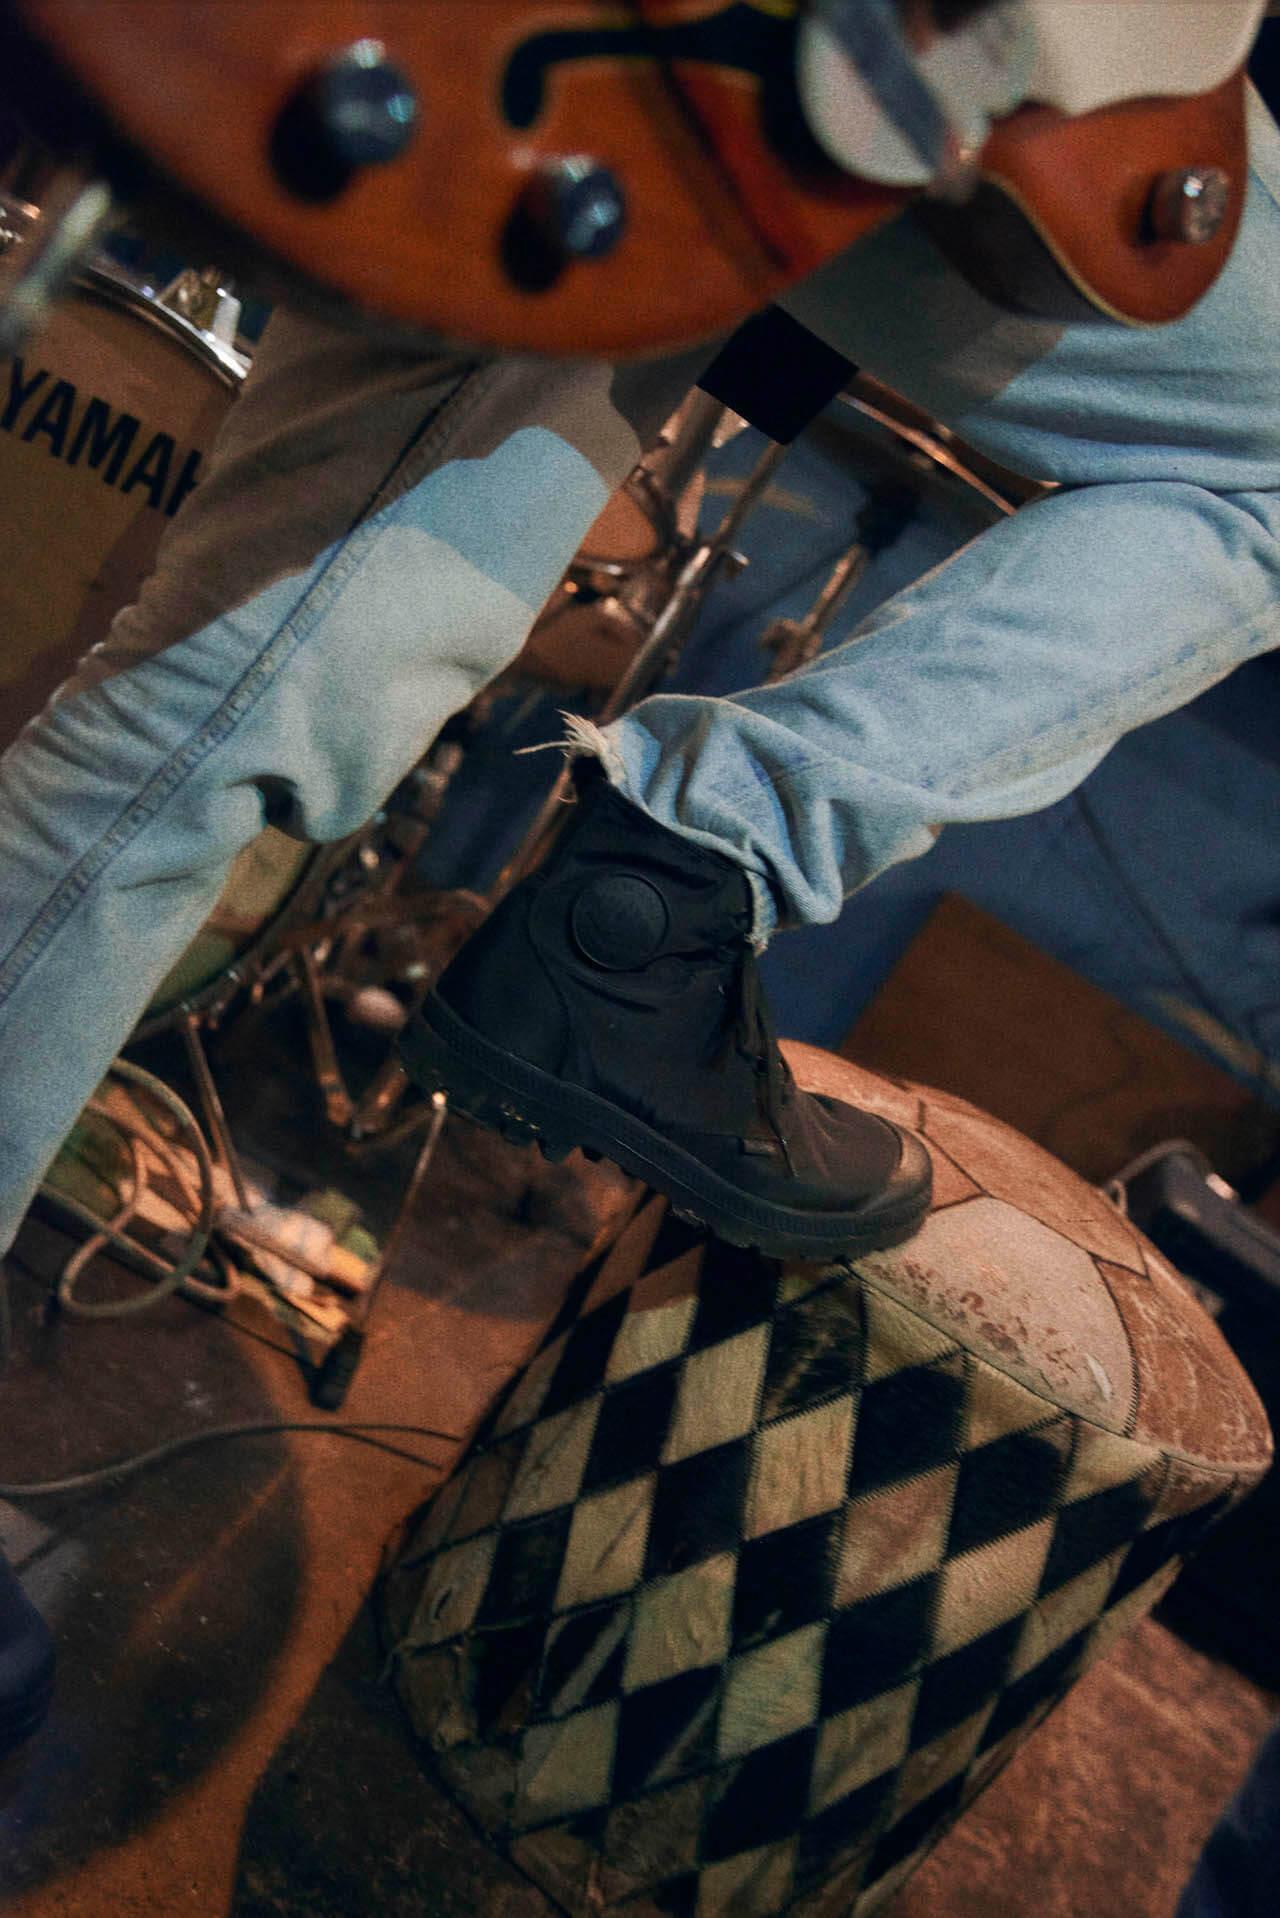 PALLADIUM×HAPPY|ファッションと音楽の関係性を探る都市探索 interview-happy-30